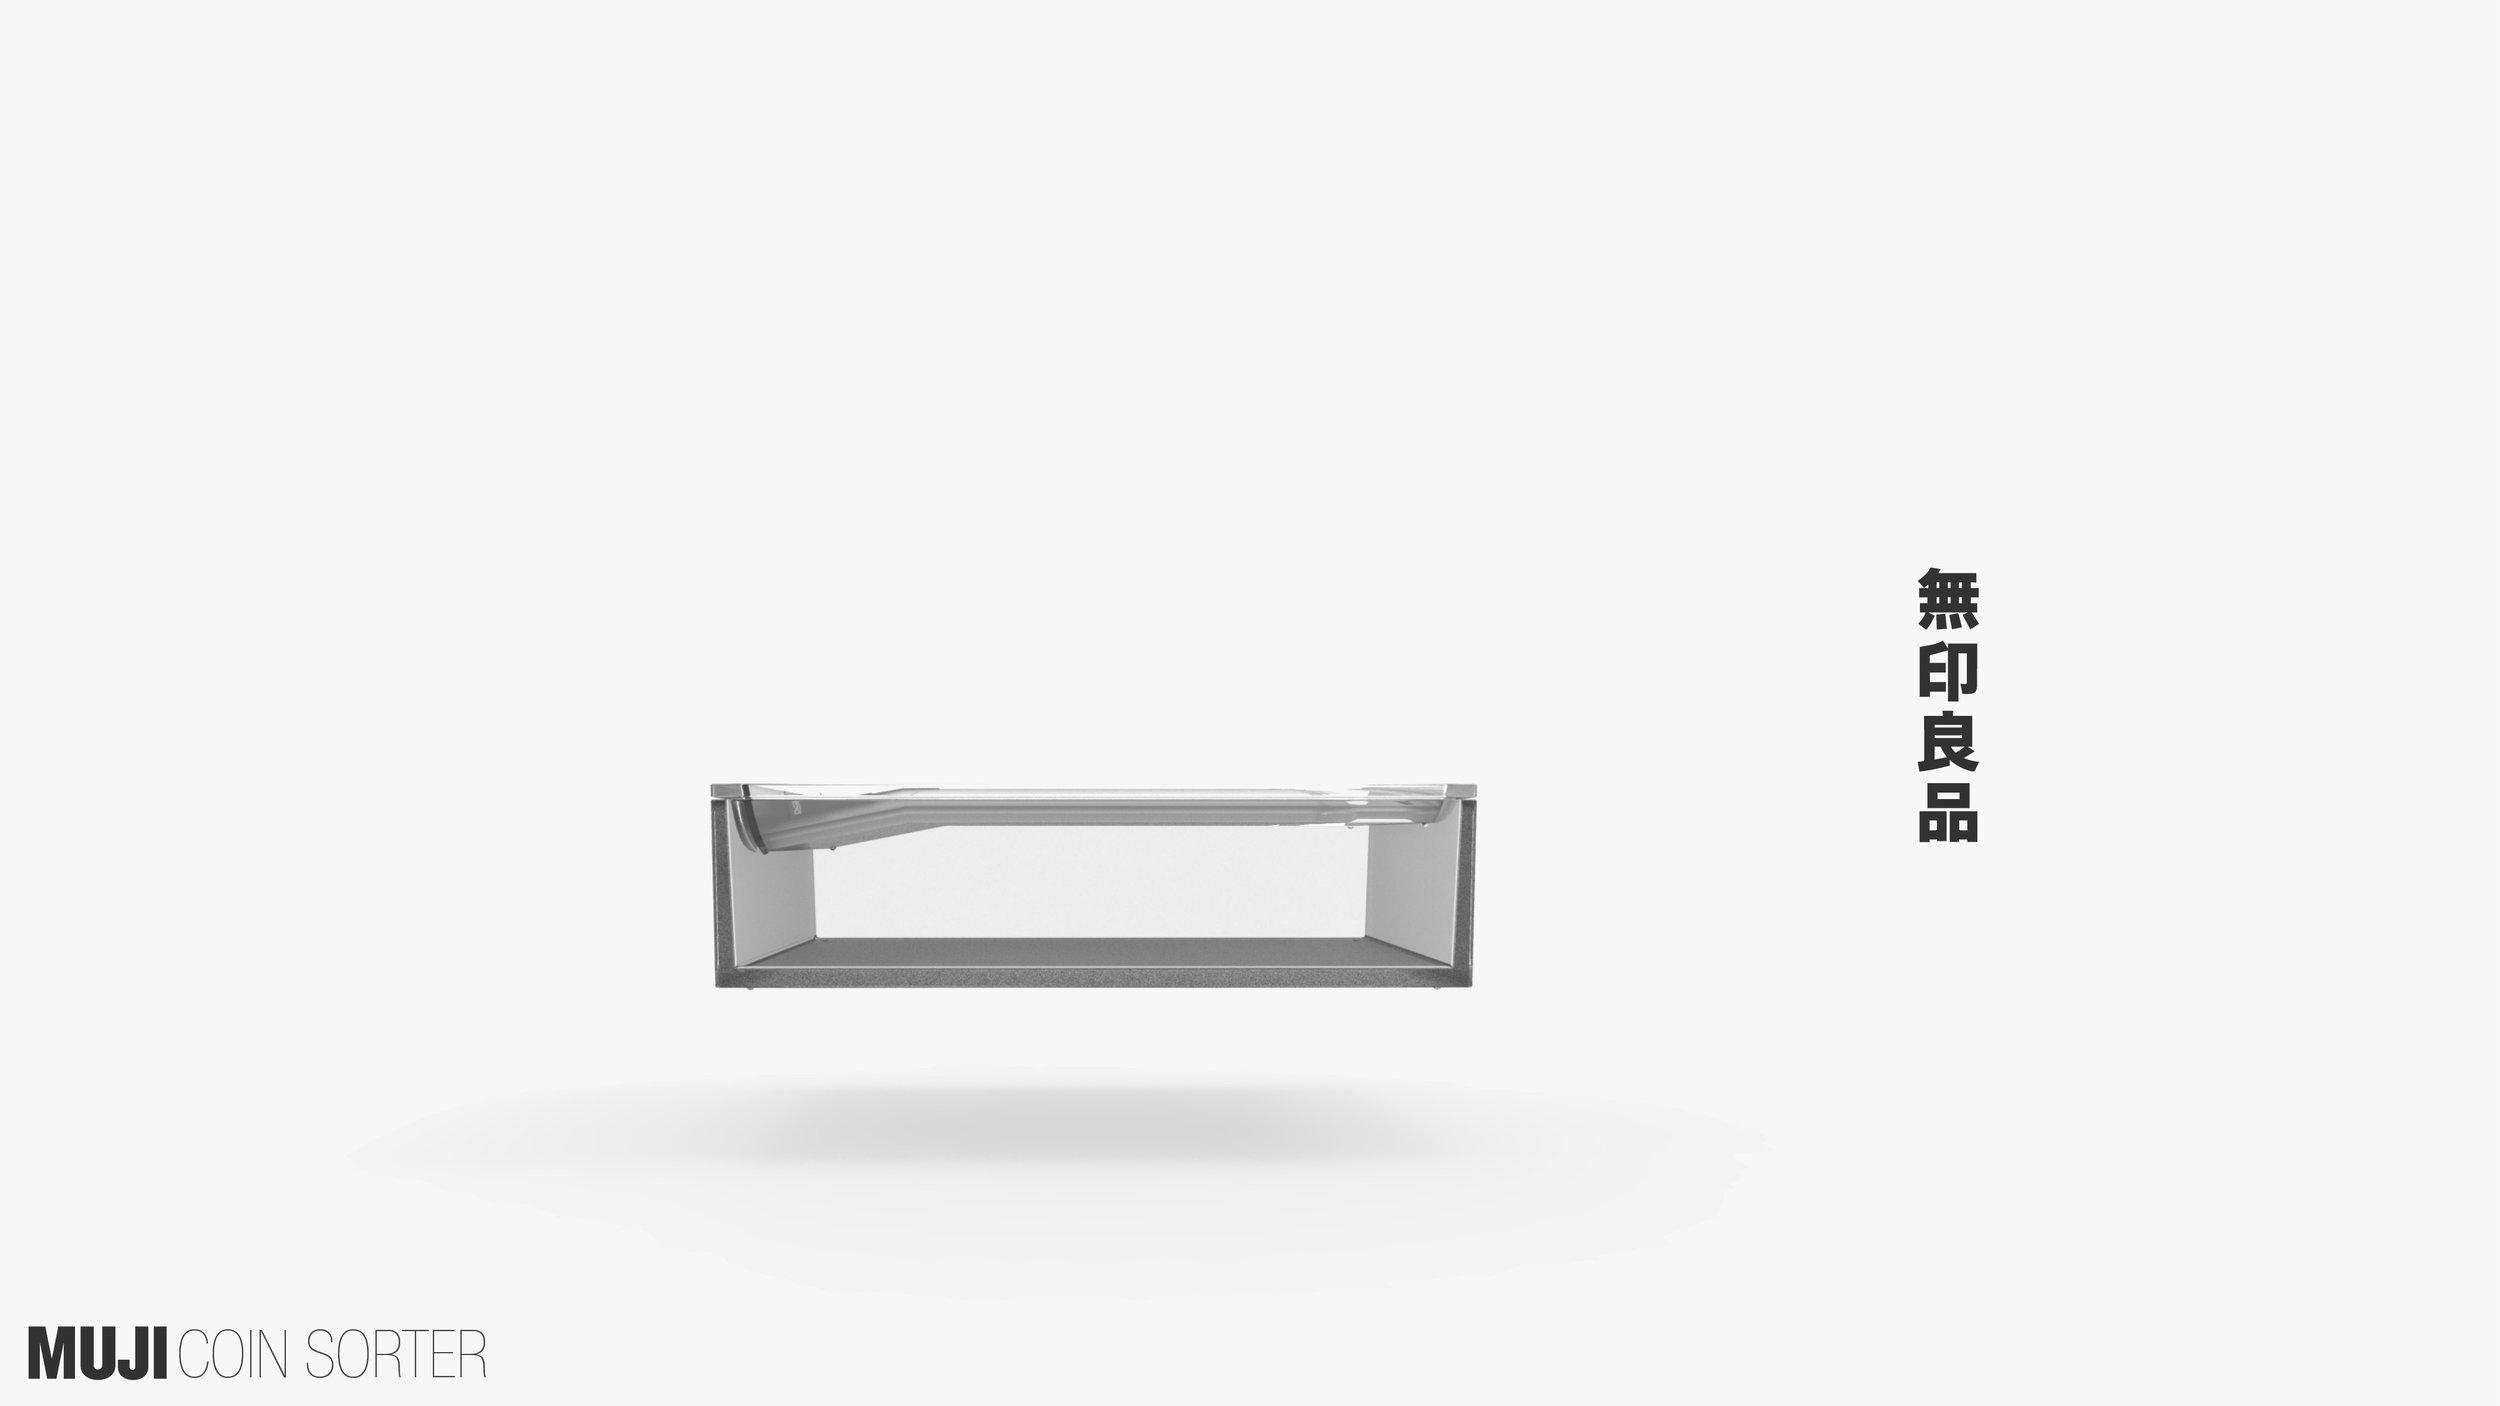 unit11_Muji_Presentation_Huanwen JIAO_SUPER LOW RES63.jpg